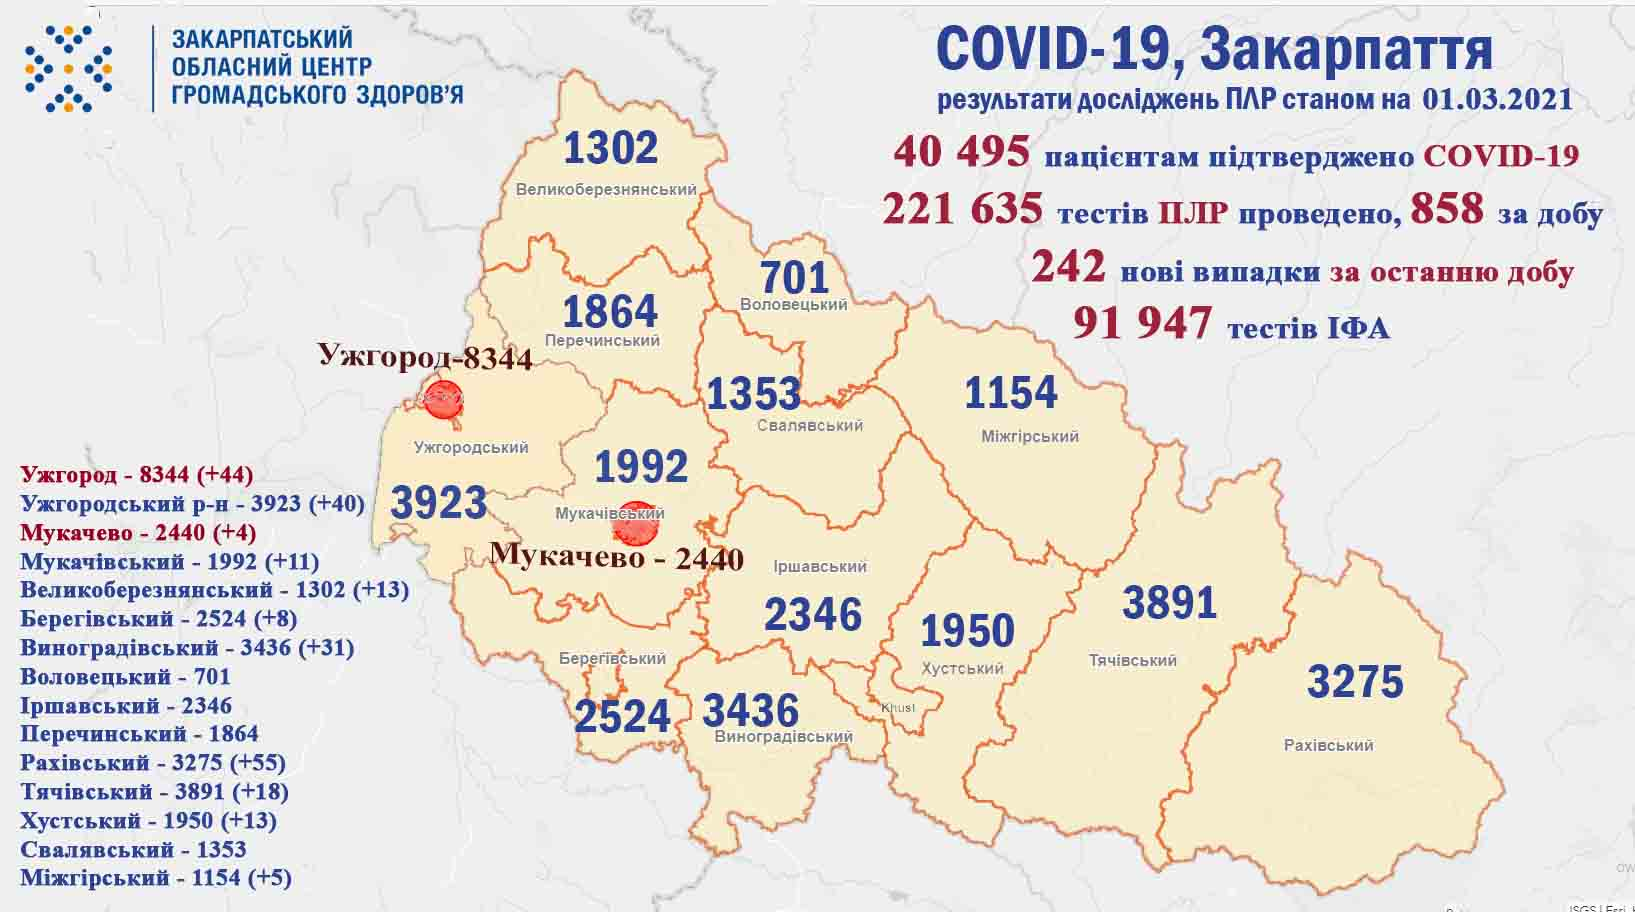 Скільки закарпатців захворіли на коронавірус в останній день зими та яка кількість померлих